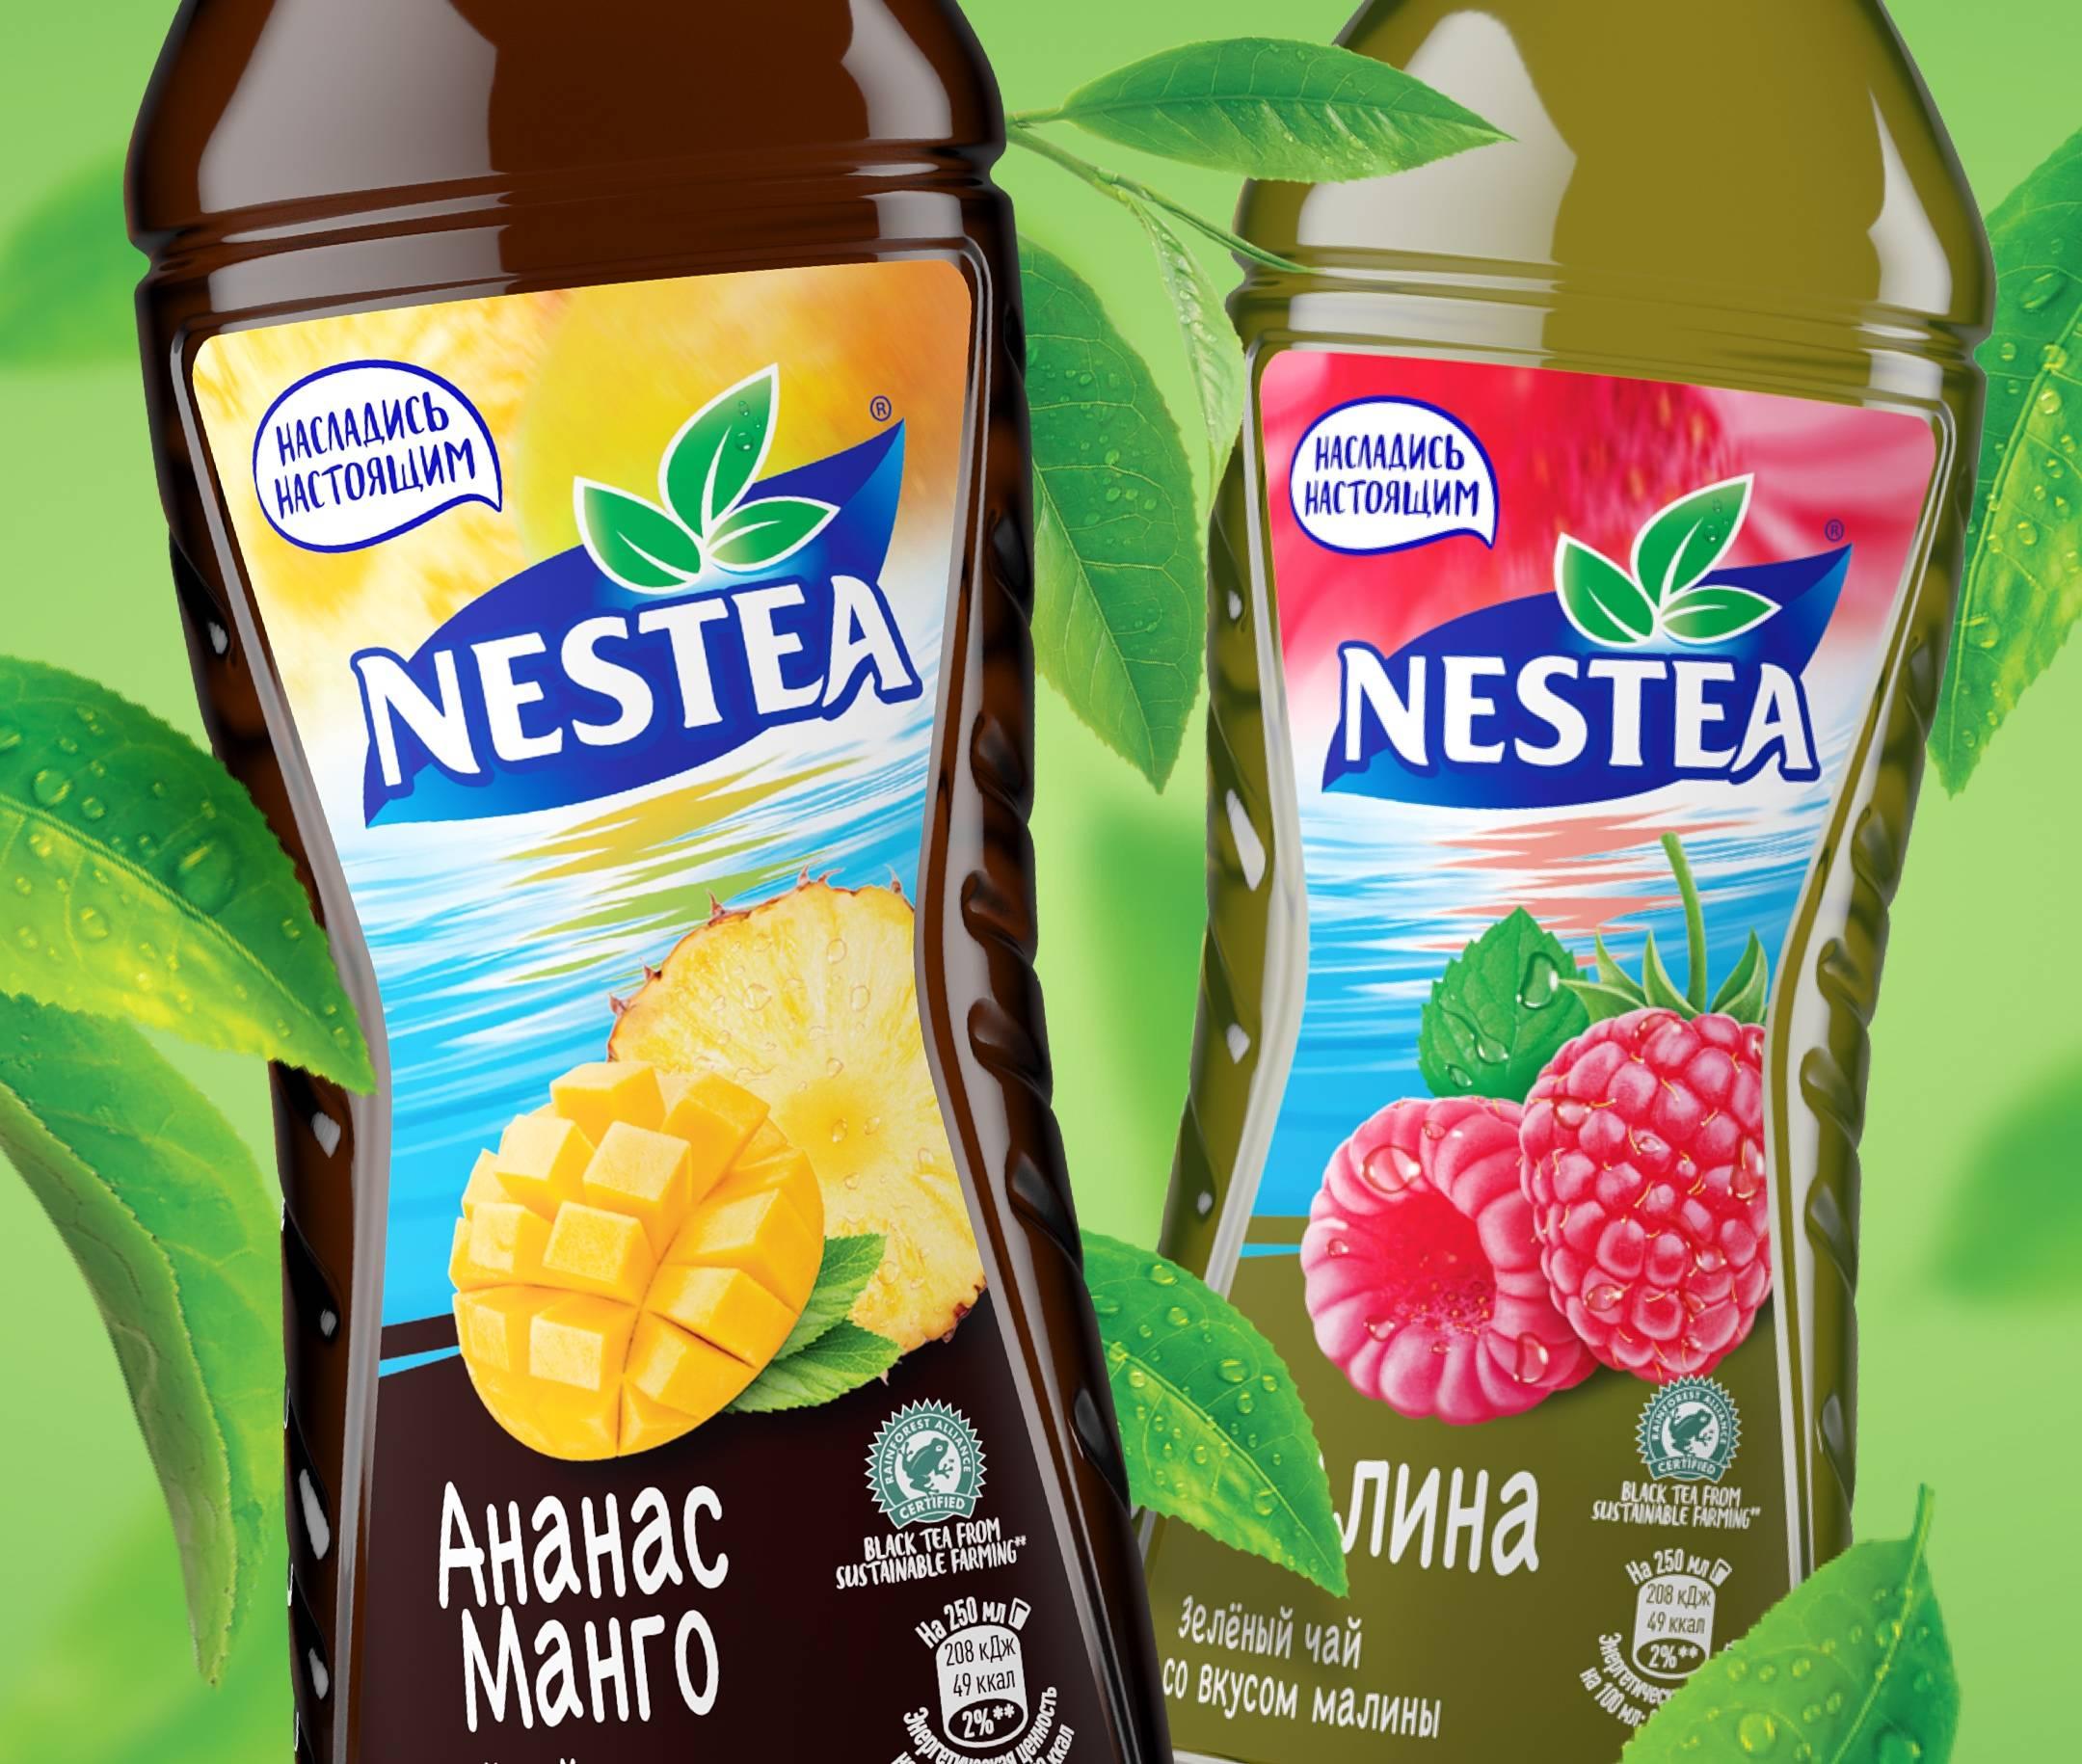 Чай nestea — химический состав, пищевая ценность, бжу